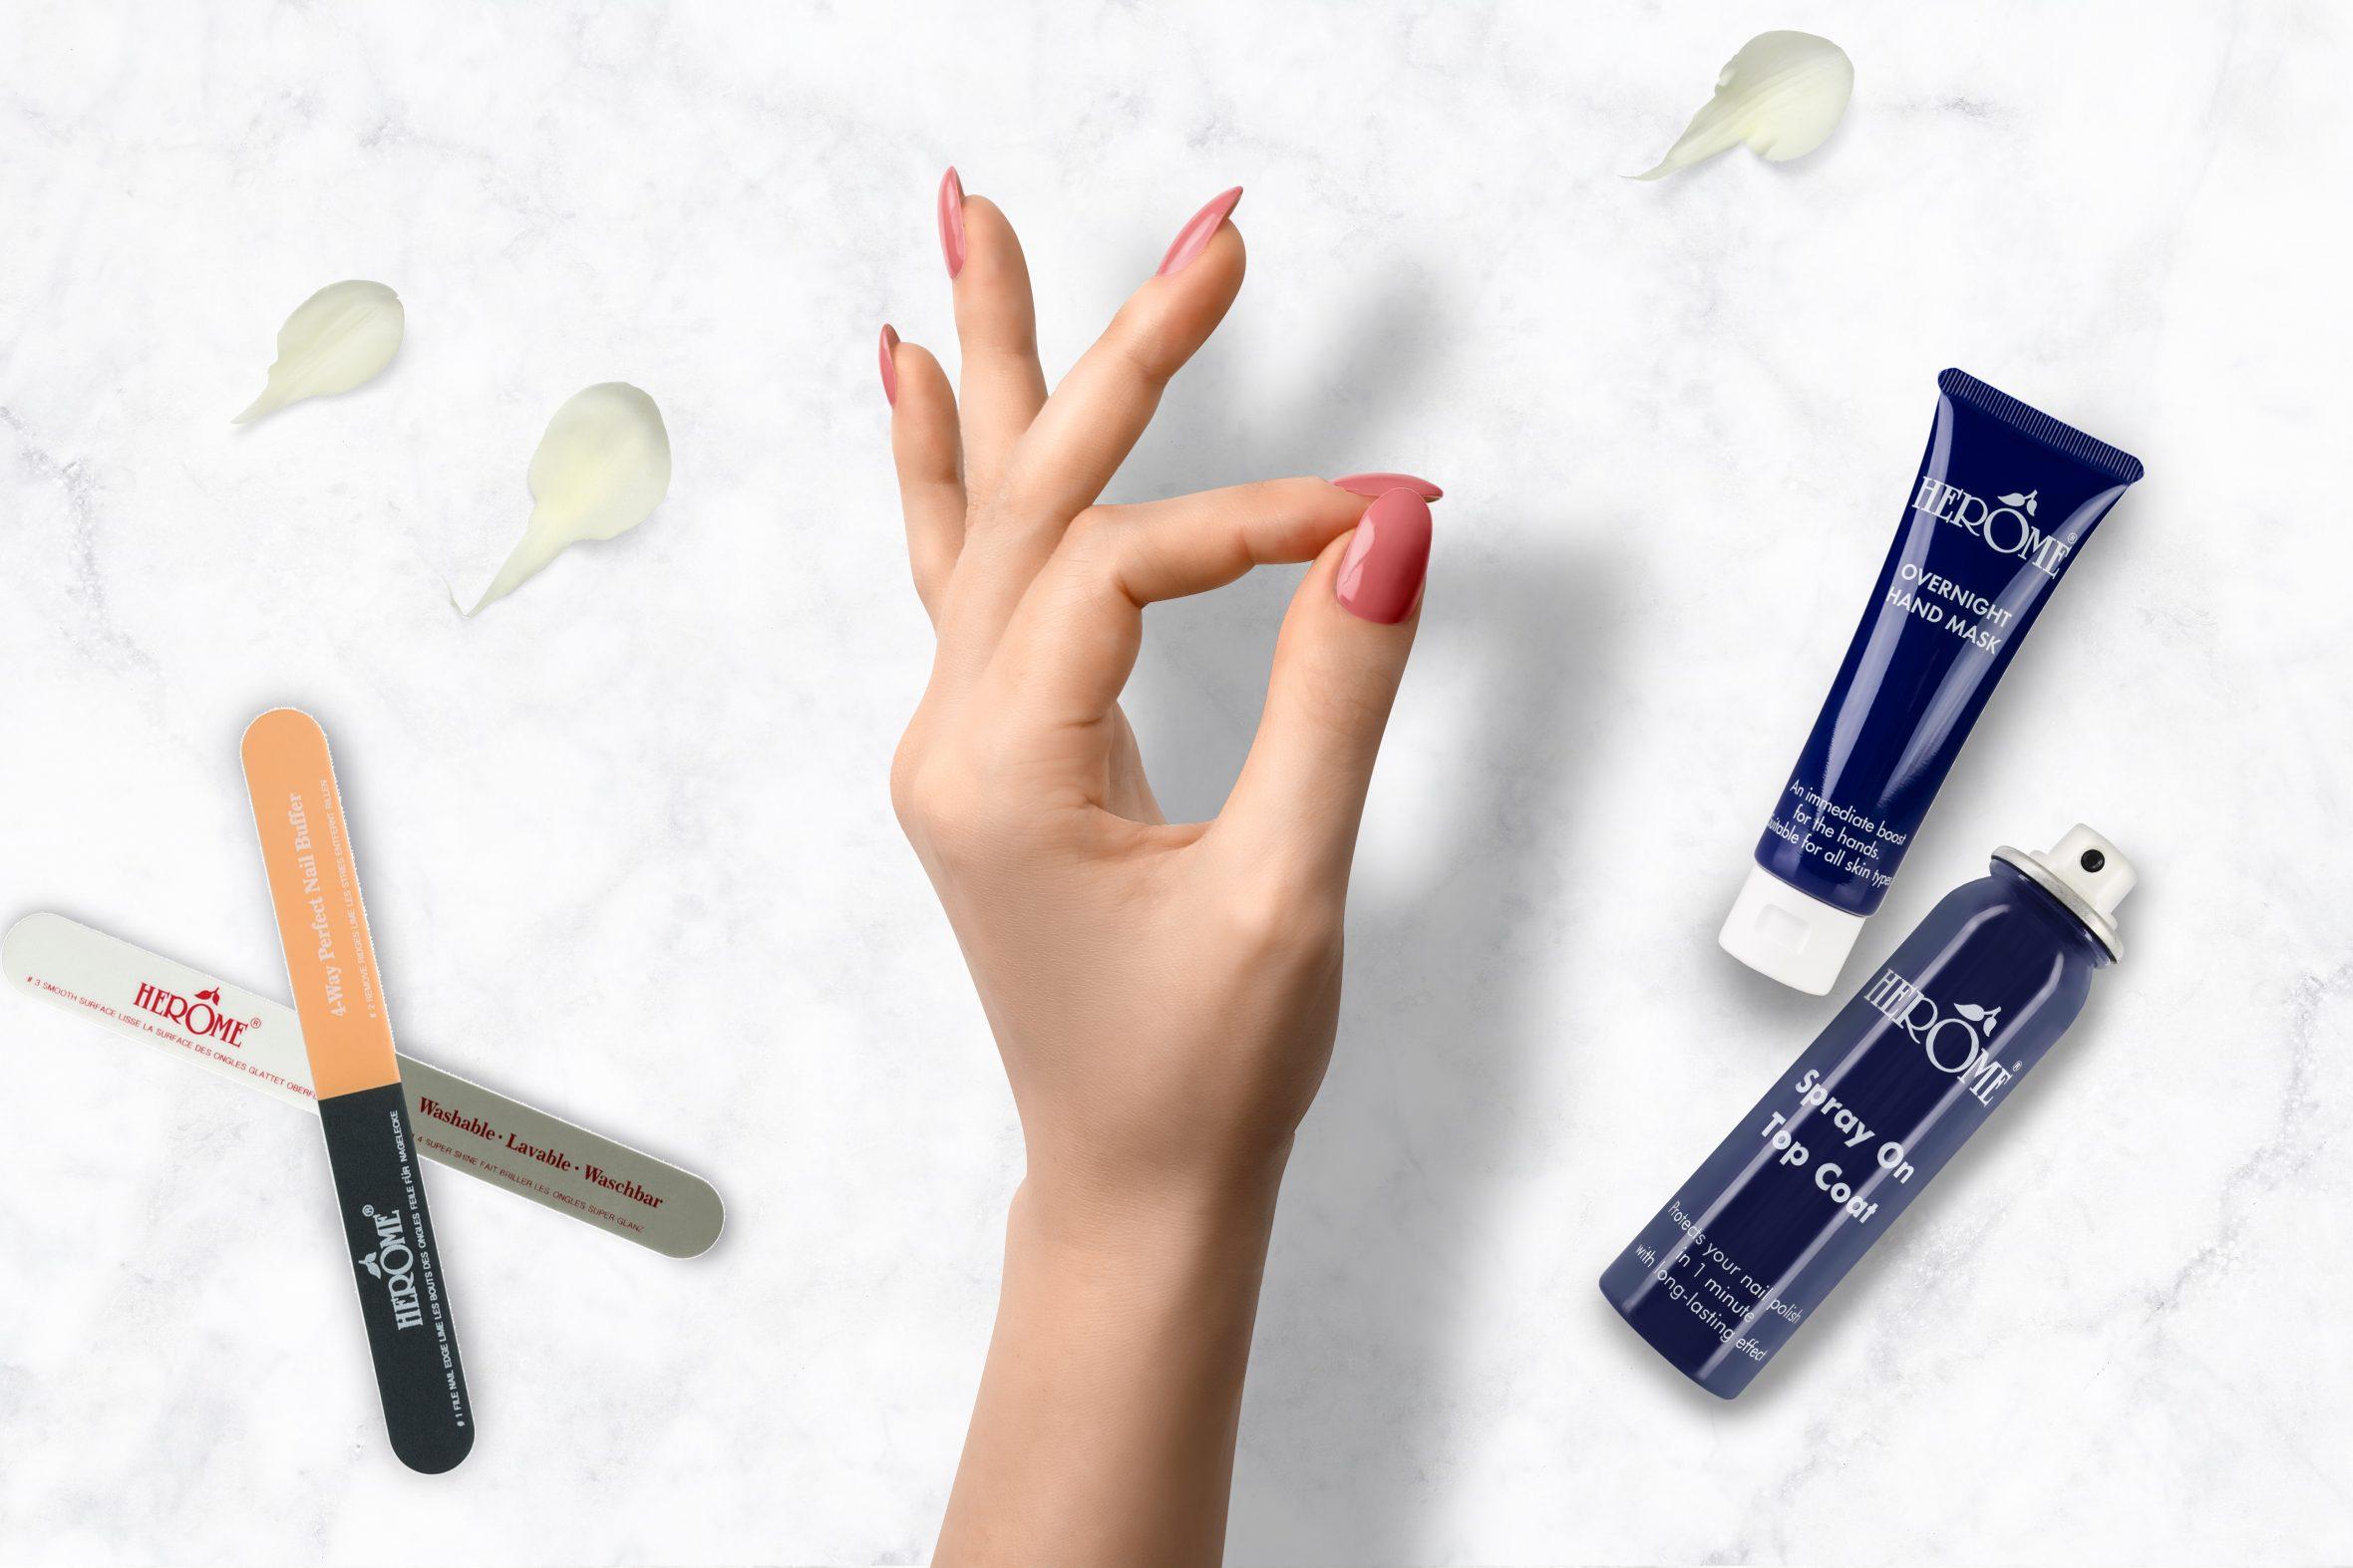 Roze nagellak van Herôme kopen voor een mooie manicure